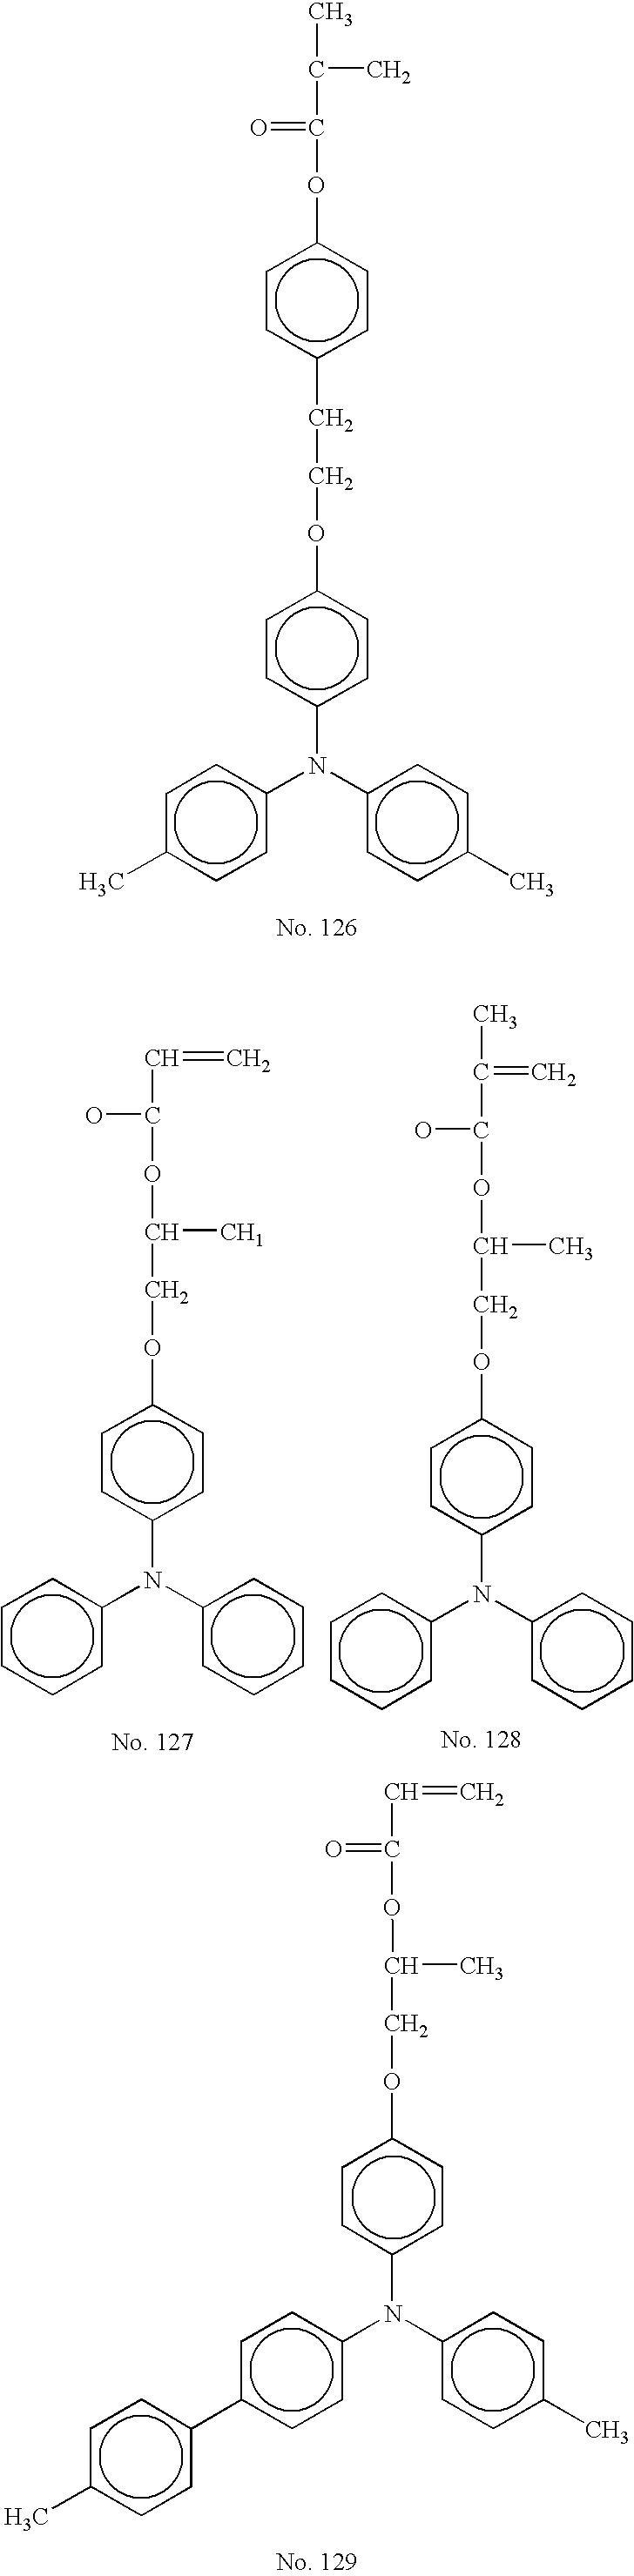 Figure US20070196749A1-20070823-C00045